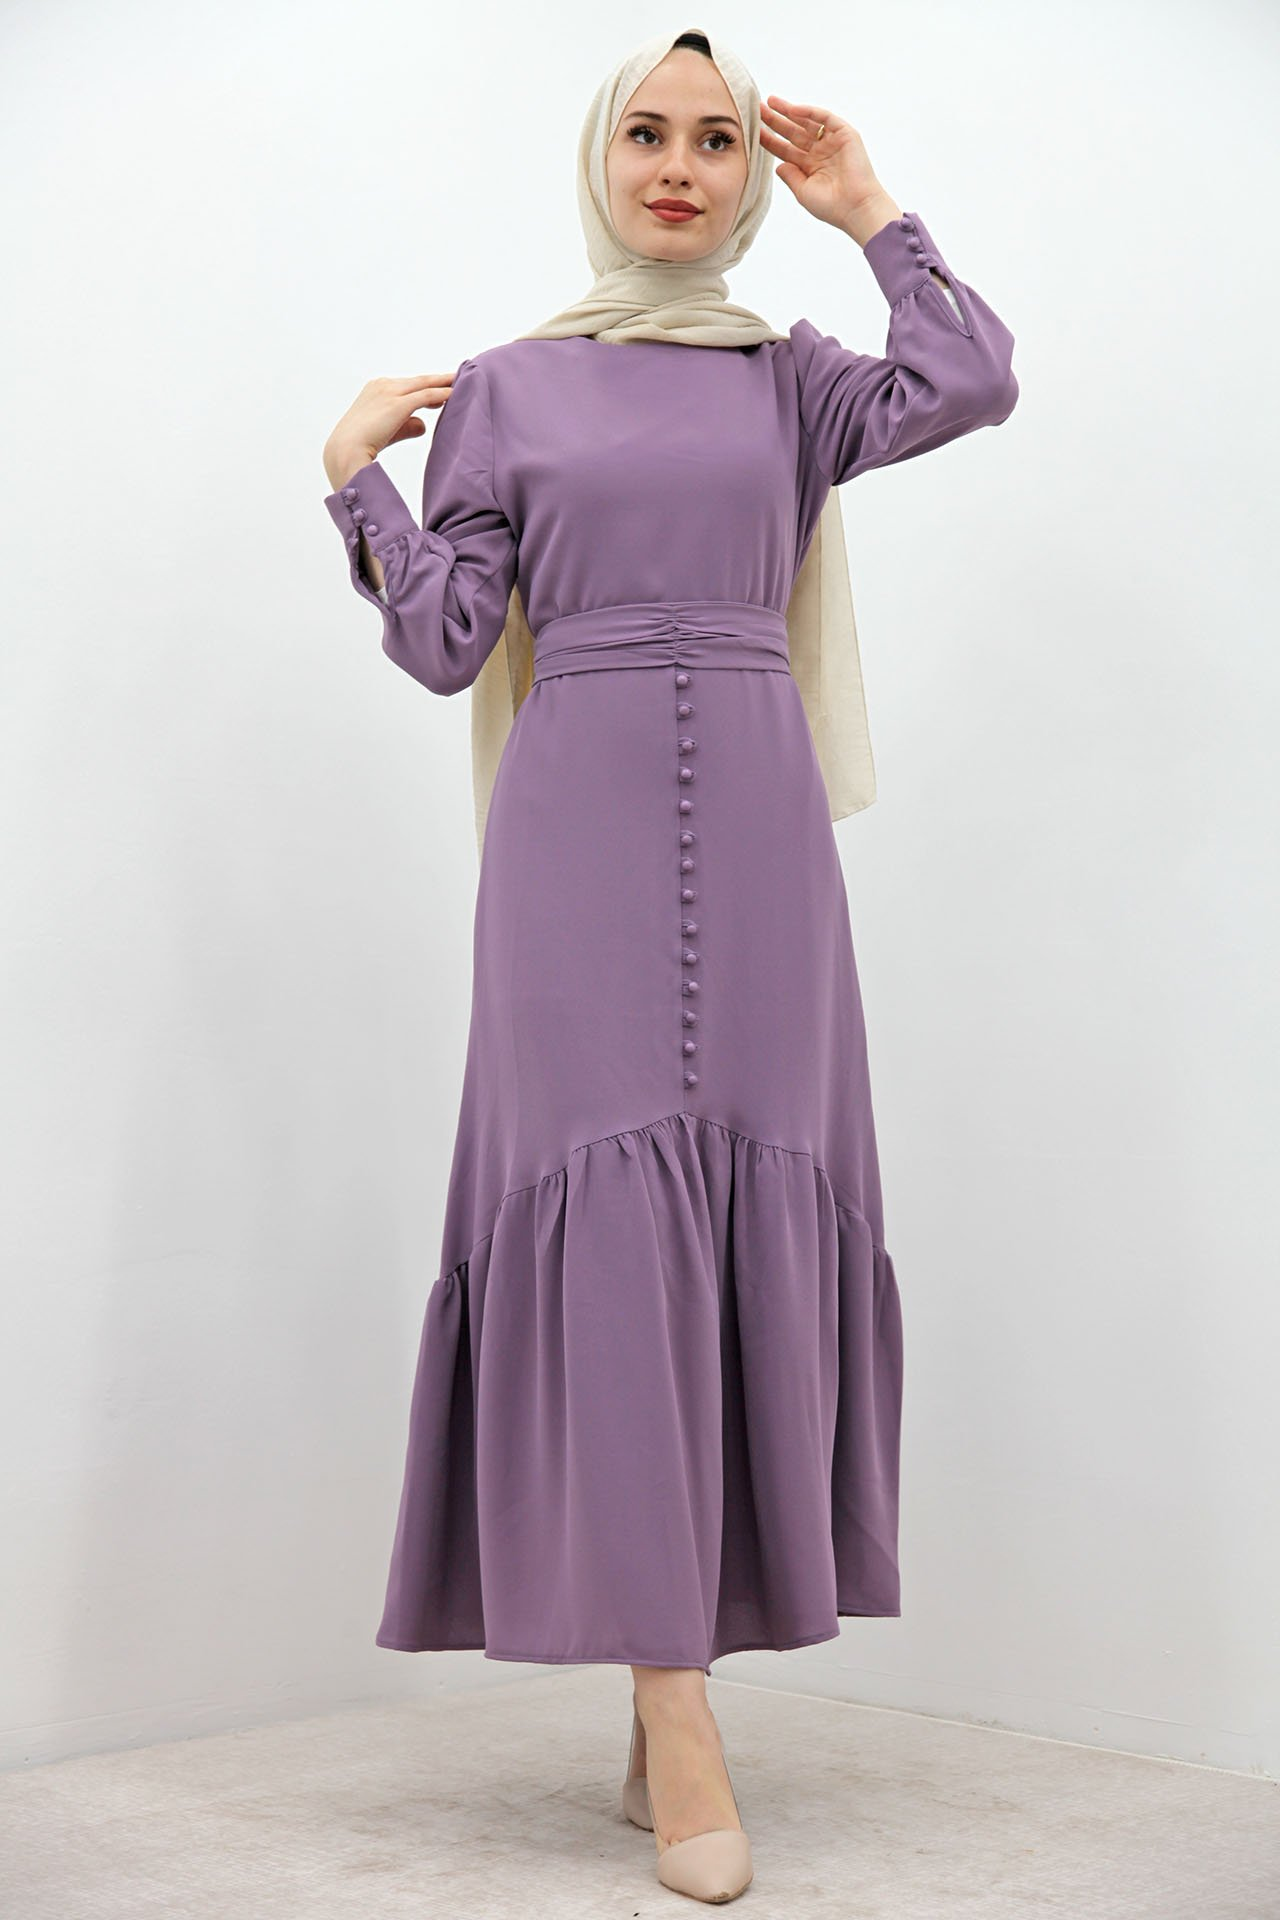 GİZAGİYİM - Düğme Detaylı Kuşaklı Elbise Lila